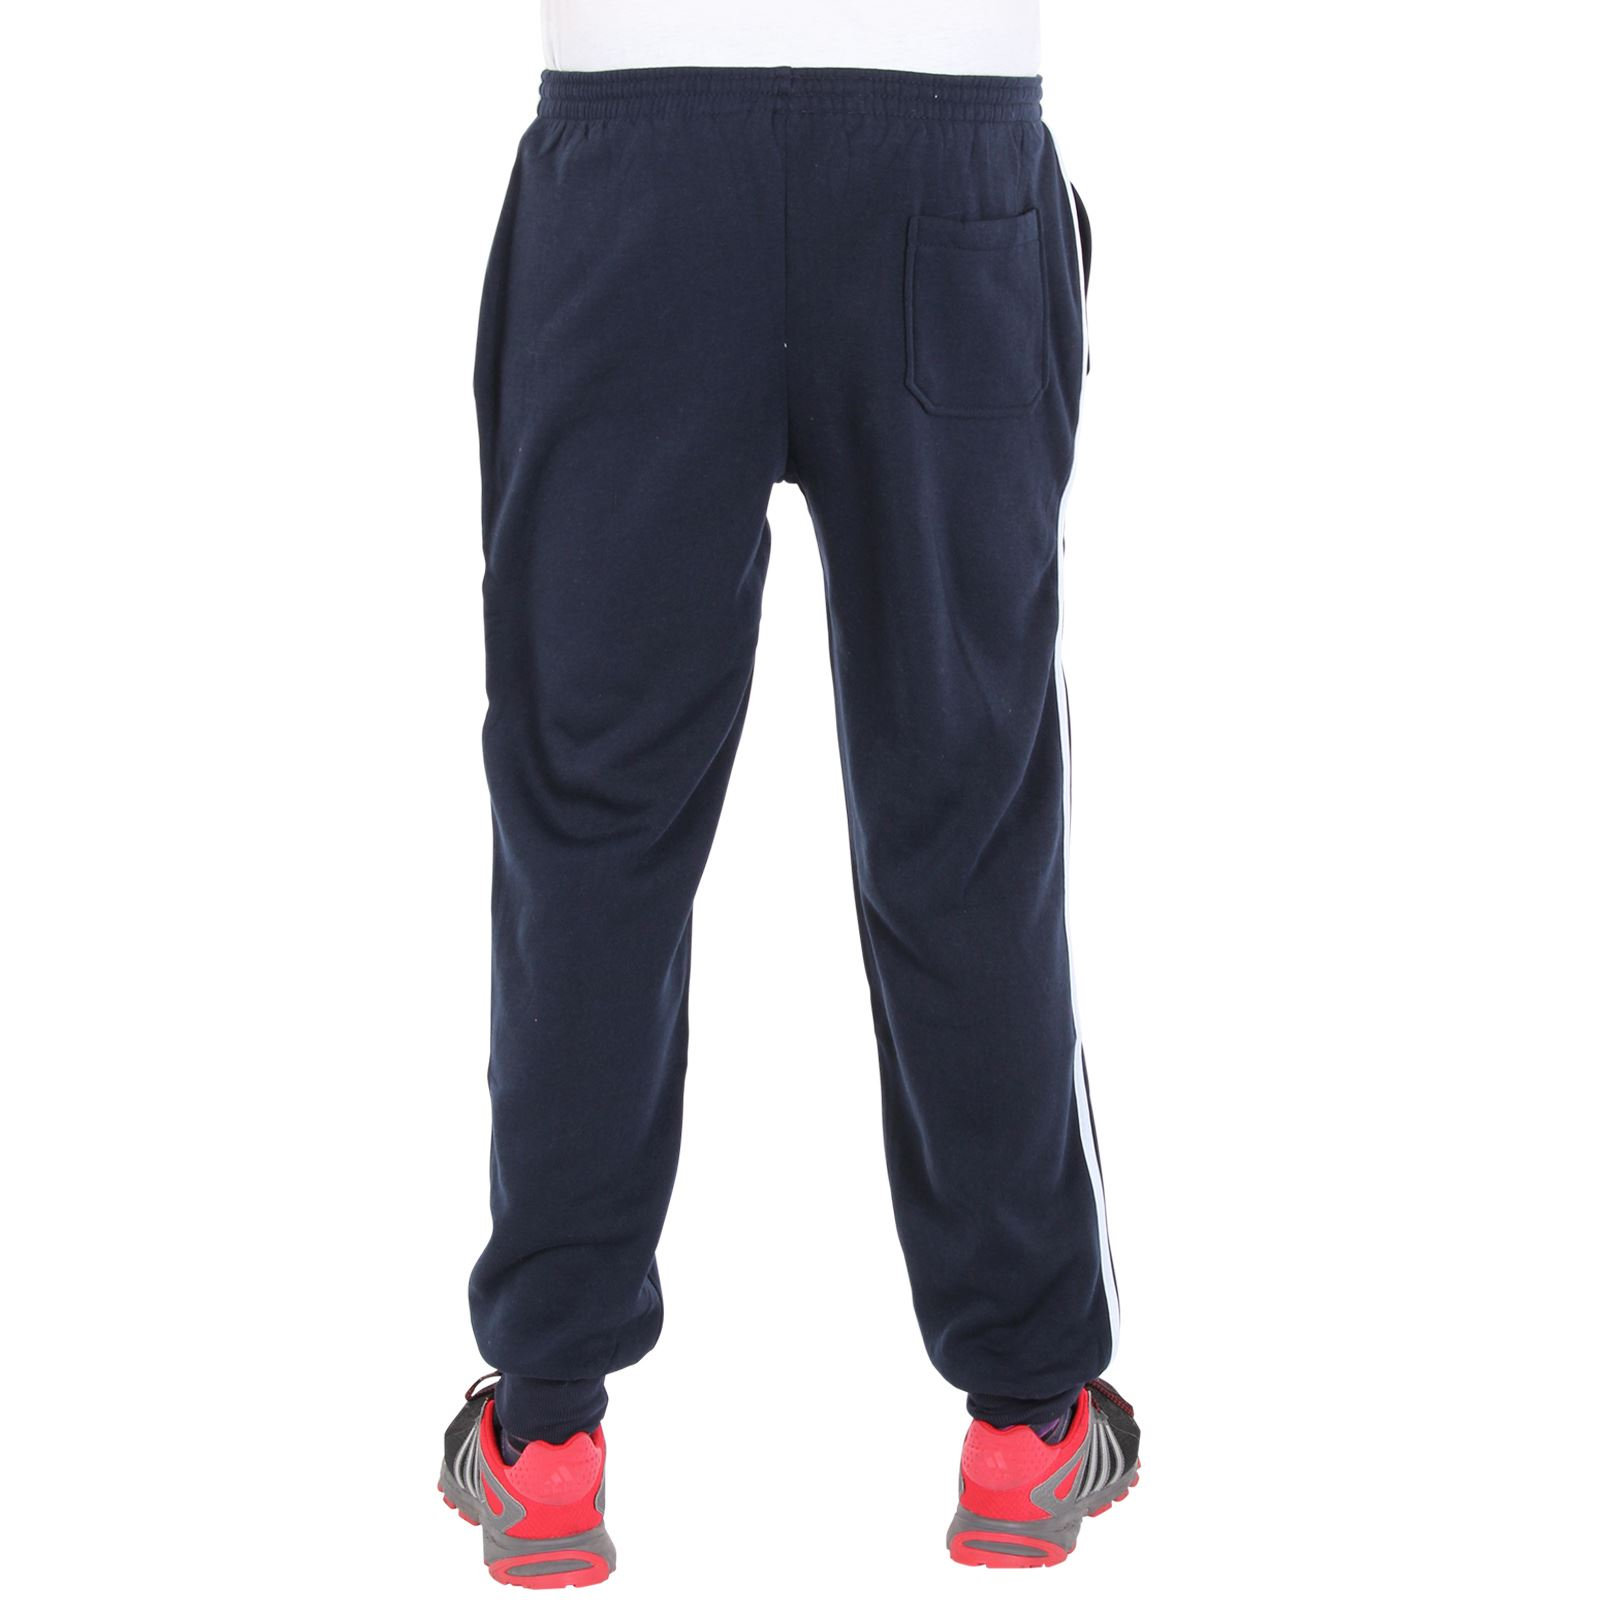 Pantalon jogging bas surv tement homme polaire ourlets bande lat rale sport ebay - Pantalon bande laterale homme ...